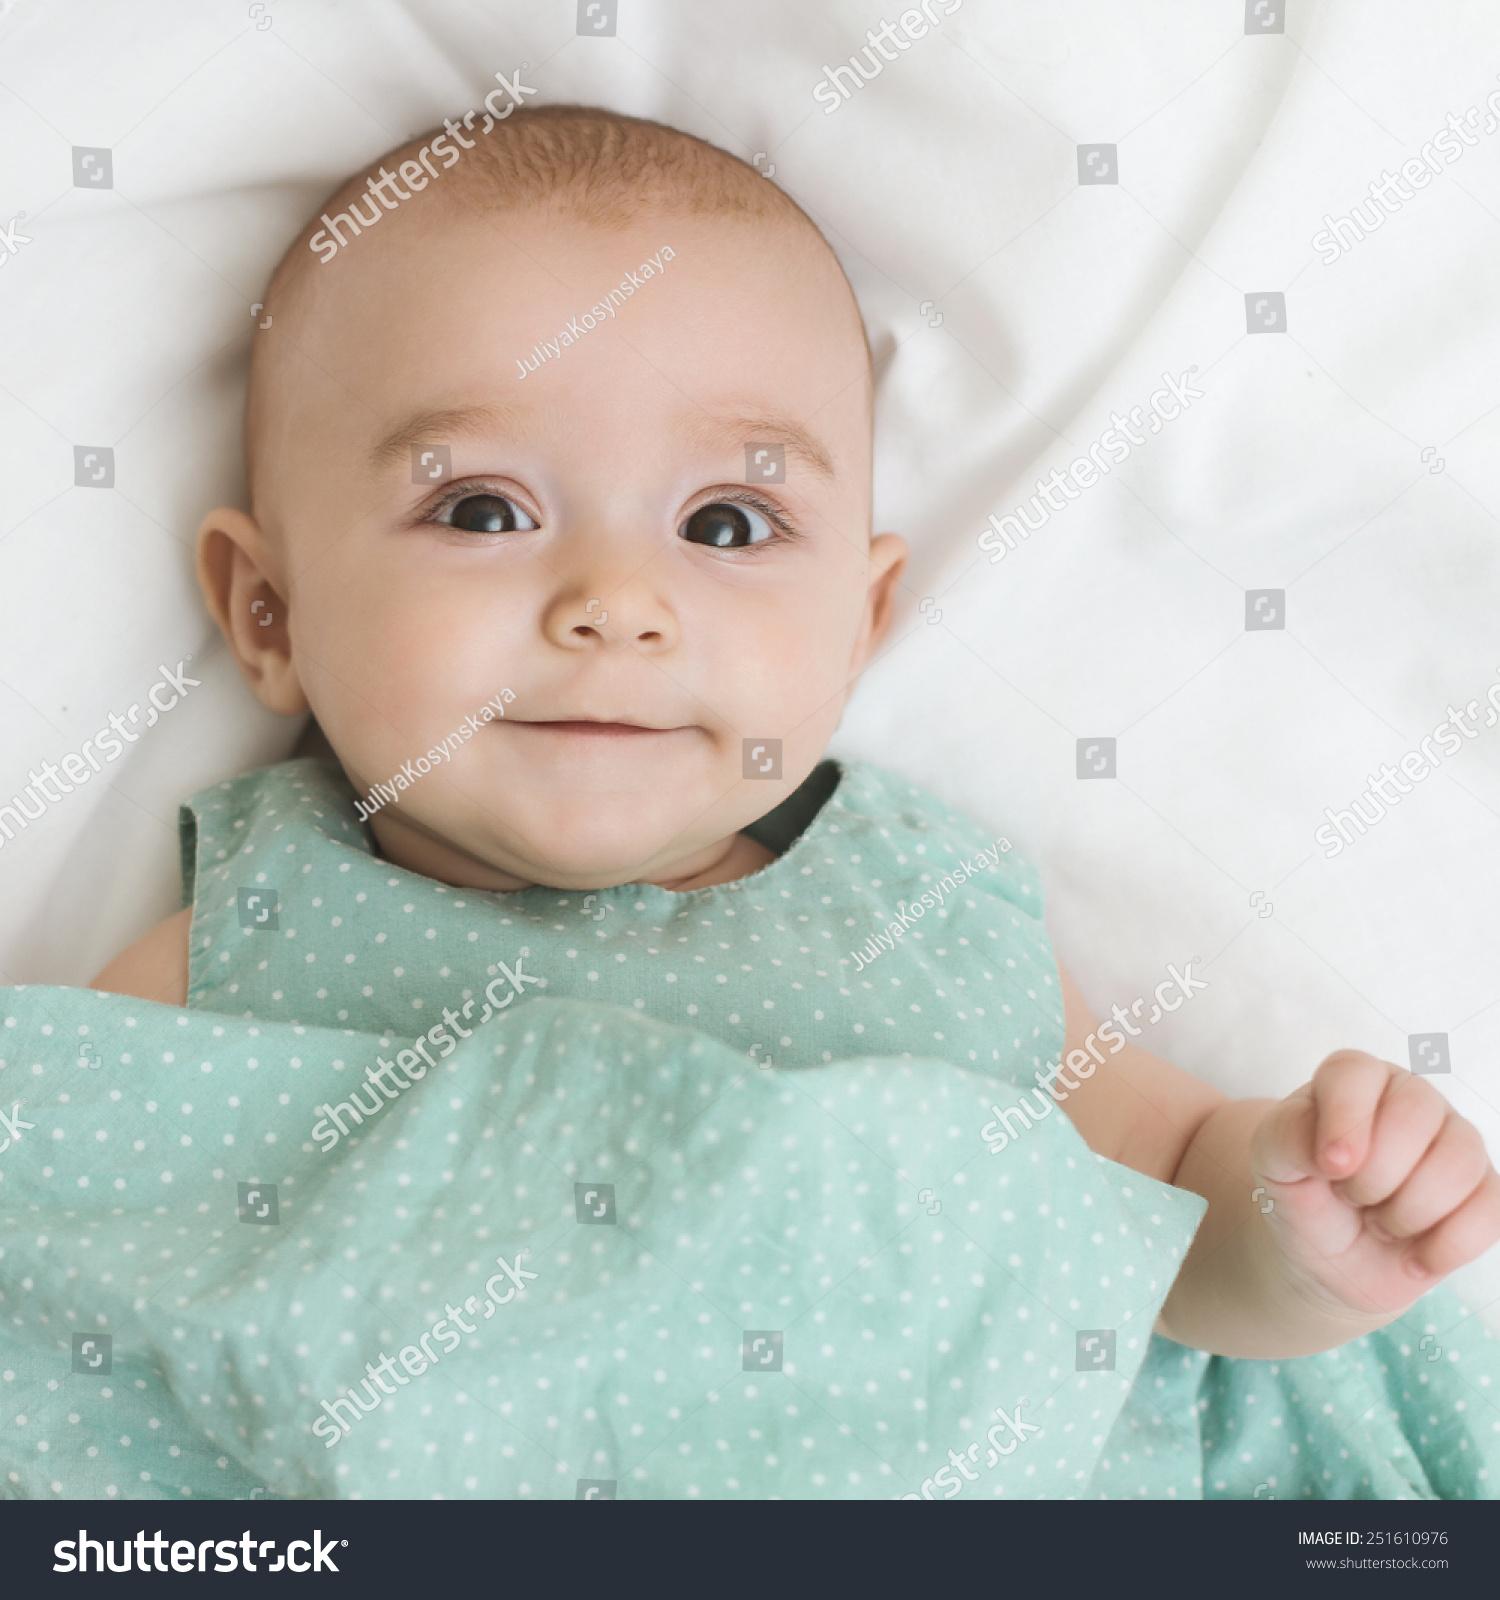 可爱的小女孩笑着,爬-人物-海洛创意(hellorf)-中国